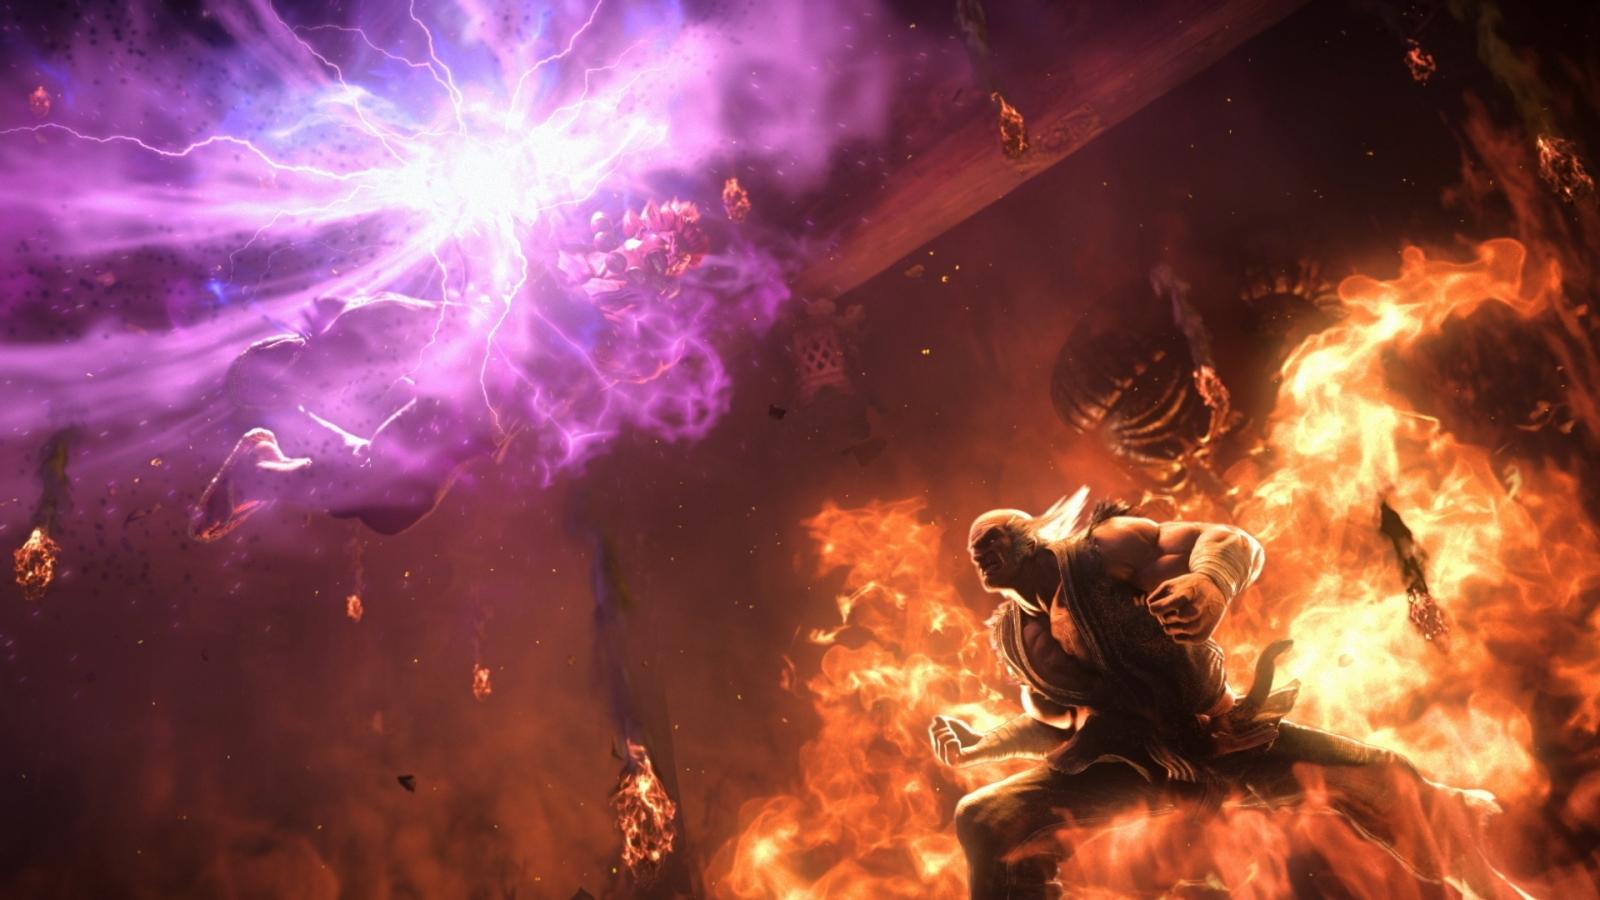 Tekken 7 unreal engine